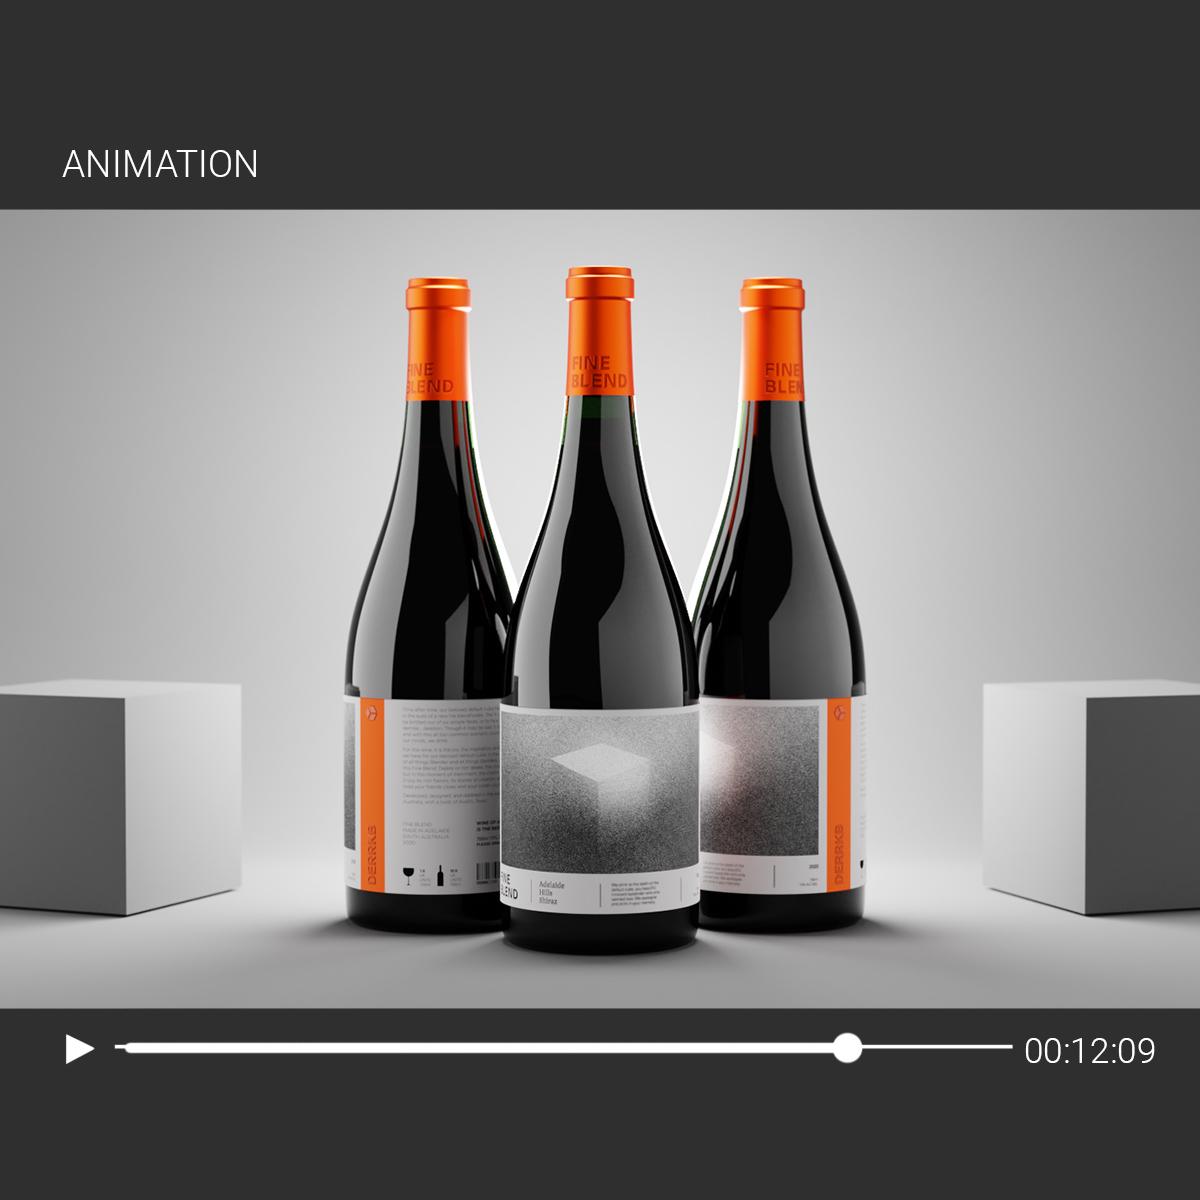 Animation of Bottle